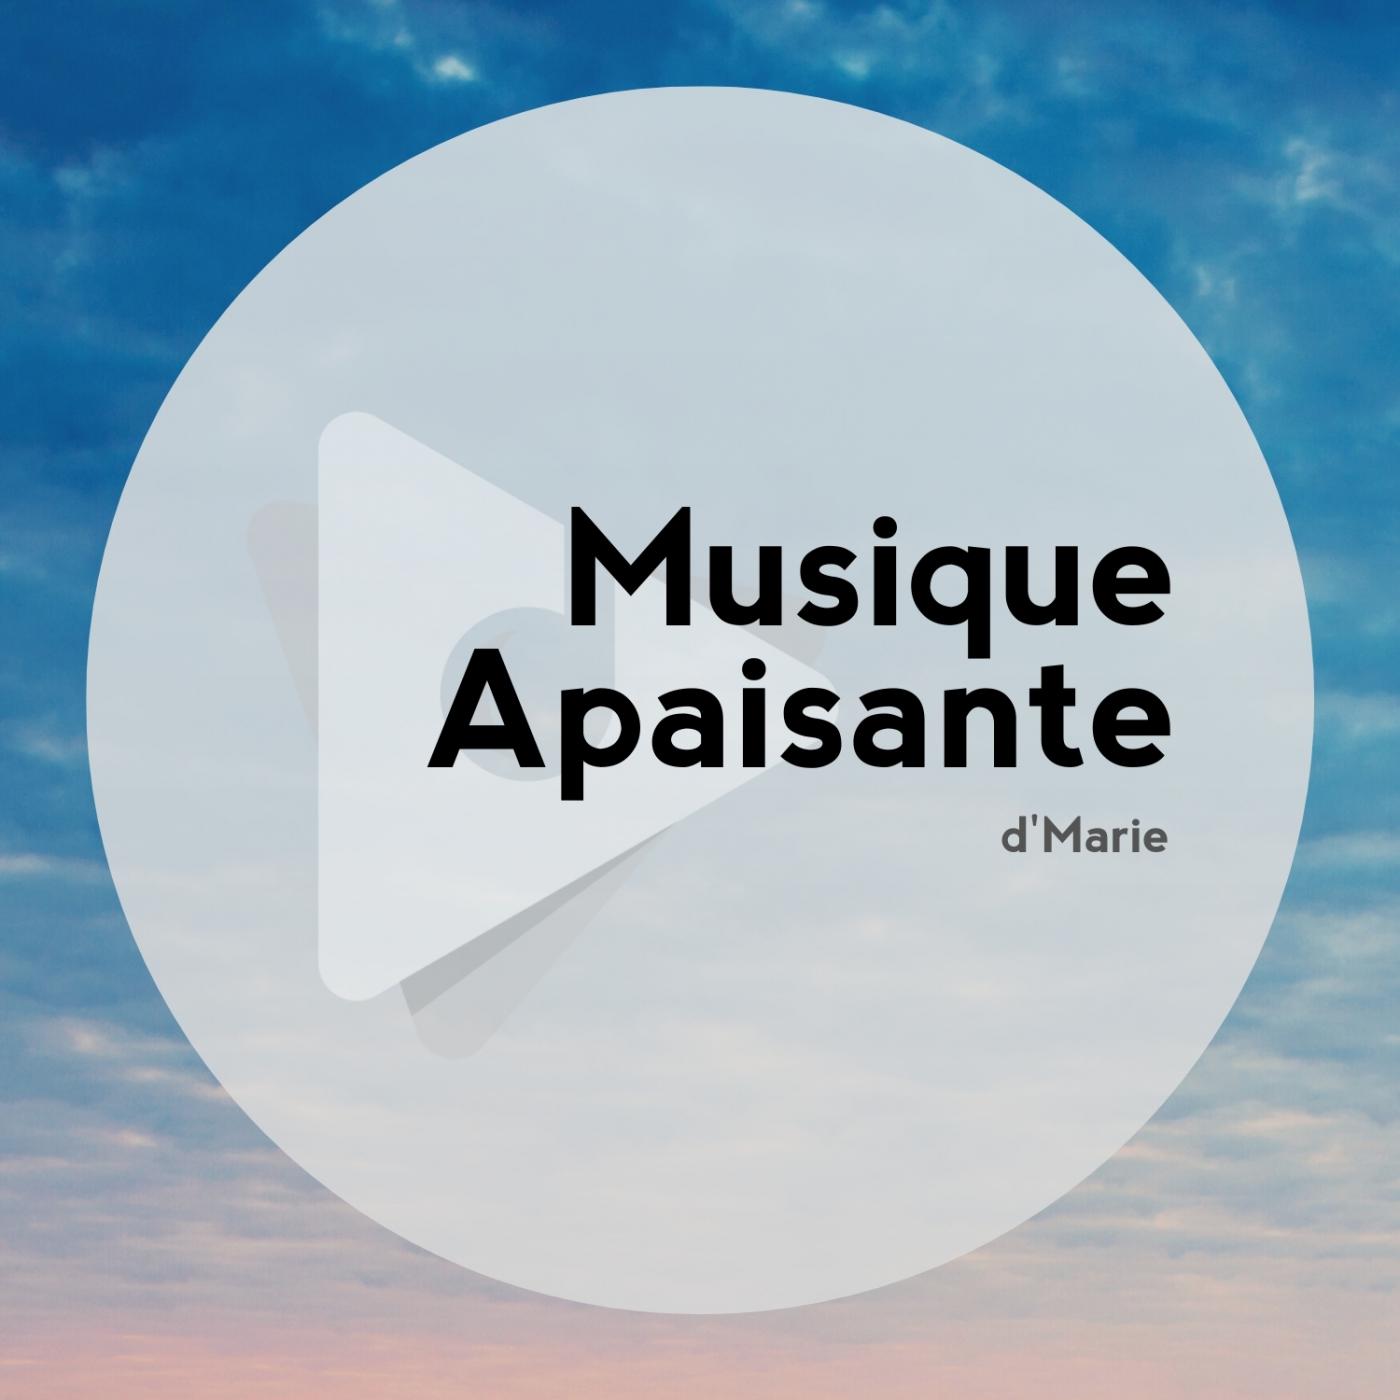 Musique Apaisante: d'Marie